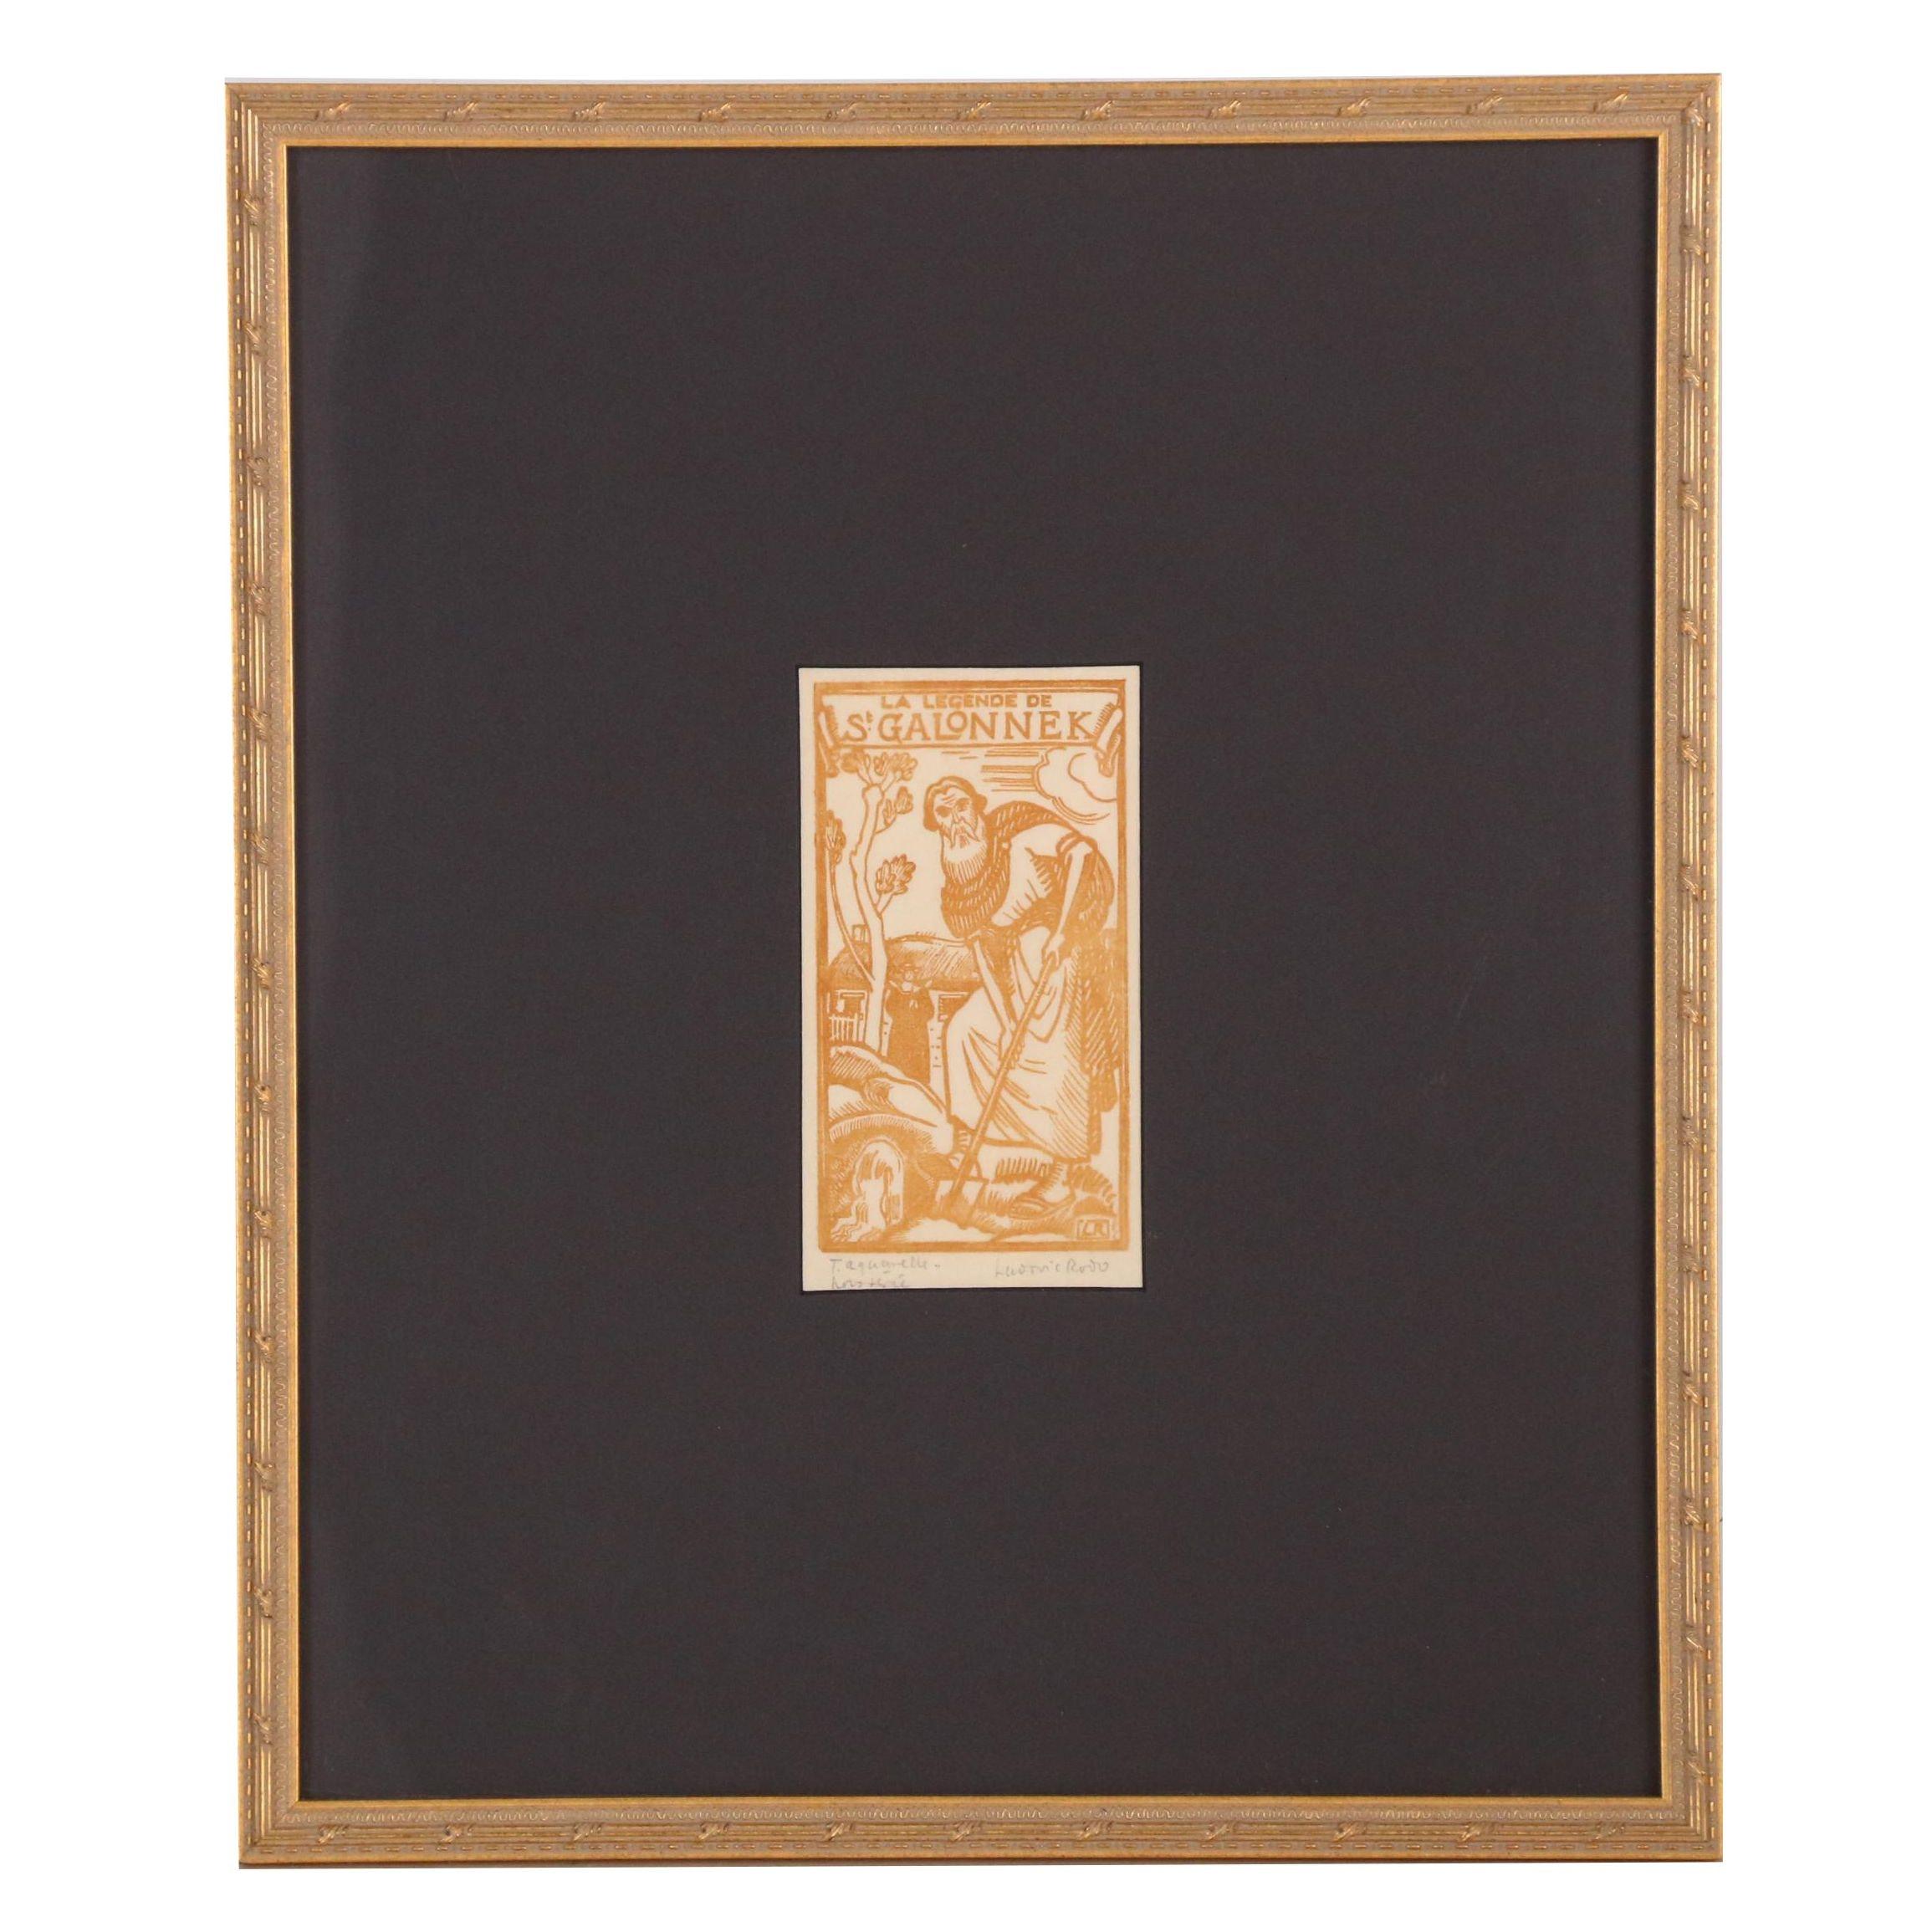 """Ludovic Rodo Woodcut Print """"La Legende de St. Galonnek"""""""